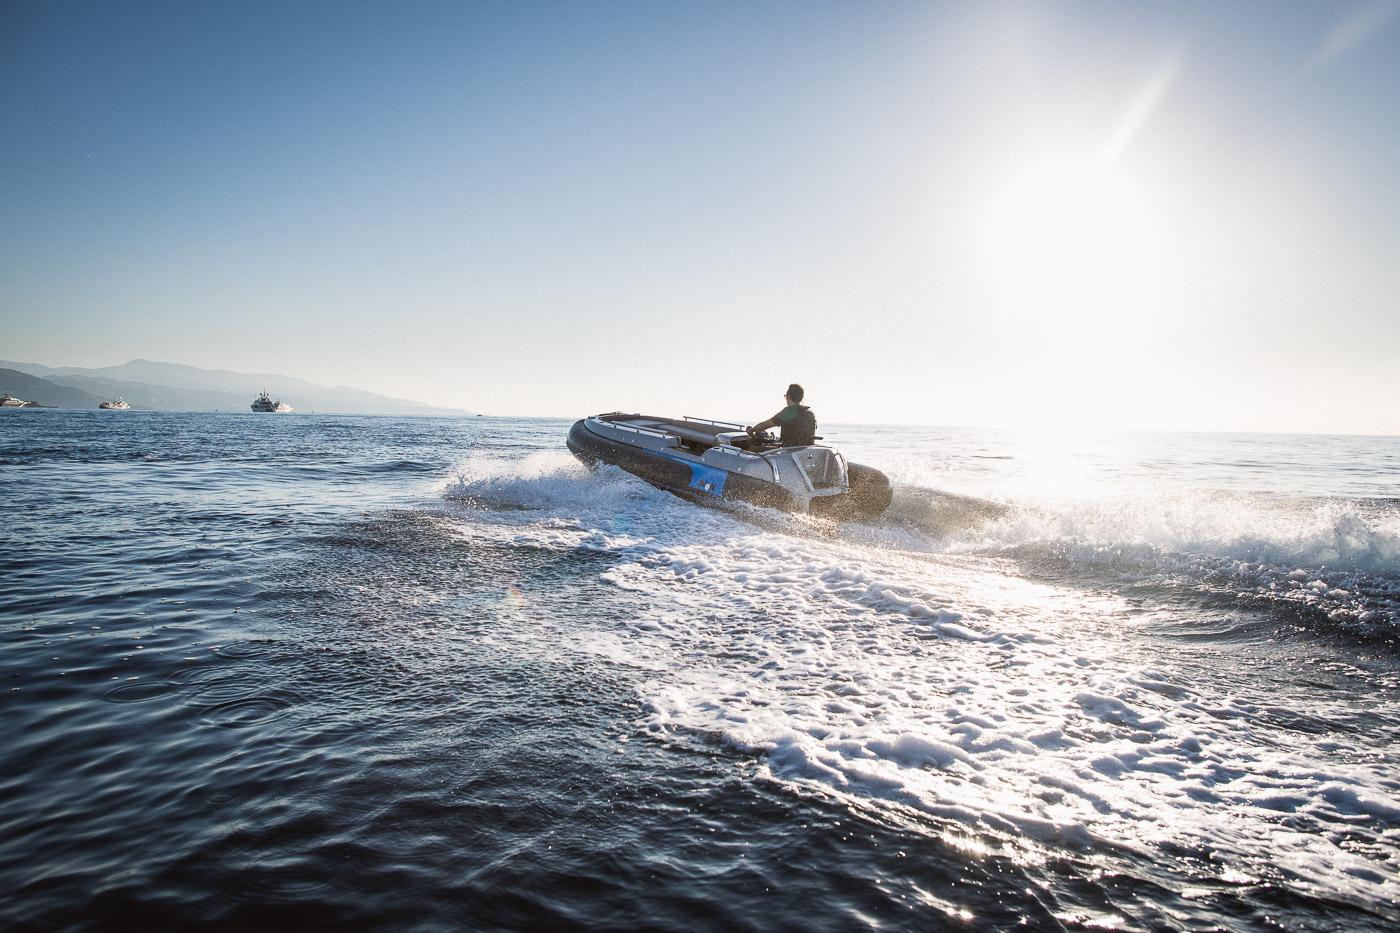 电动喷射式橡皮艇:法国埃文Avon eJET 450,一眼就爱上了